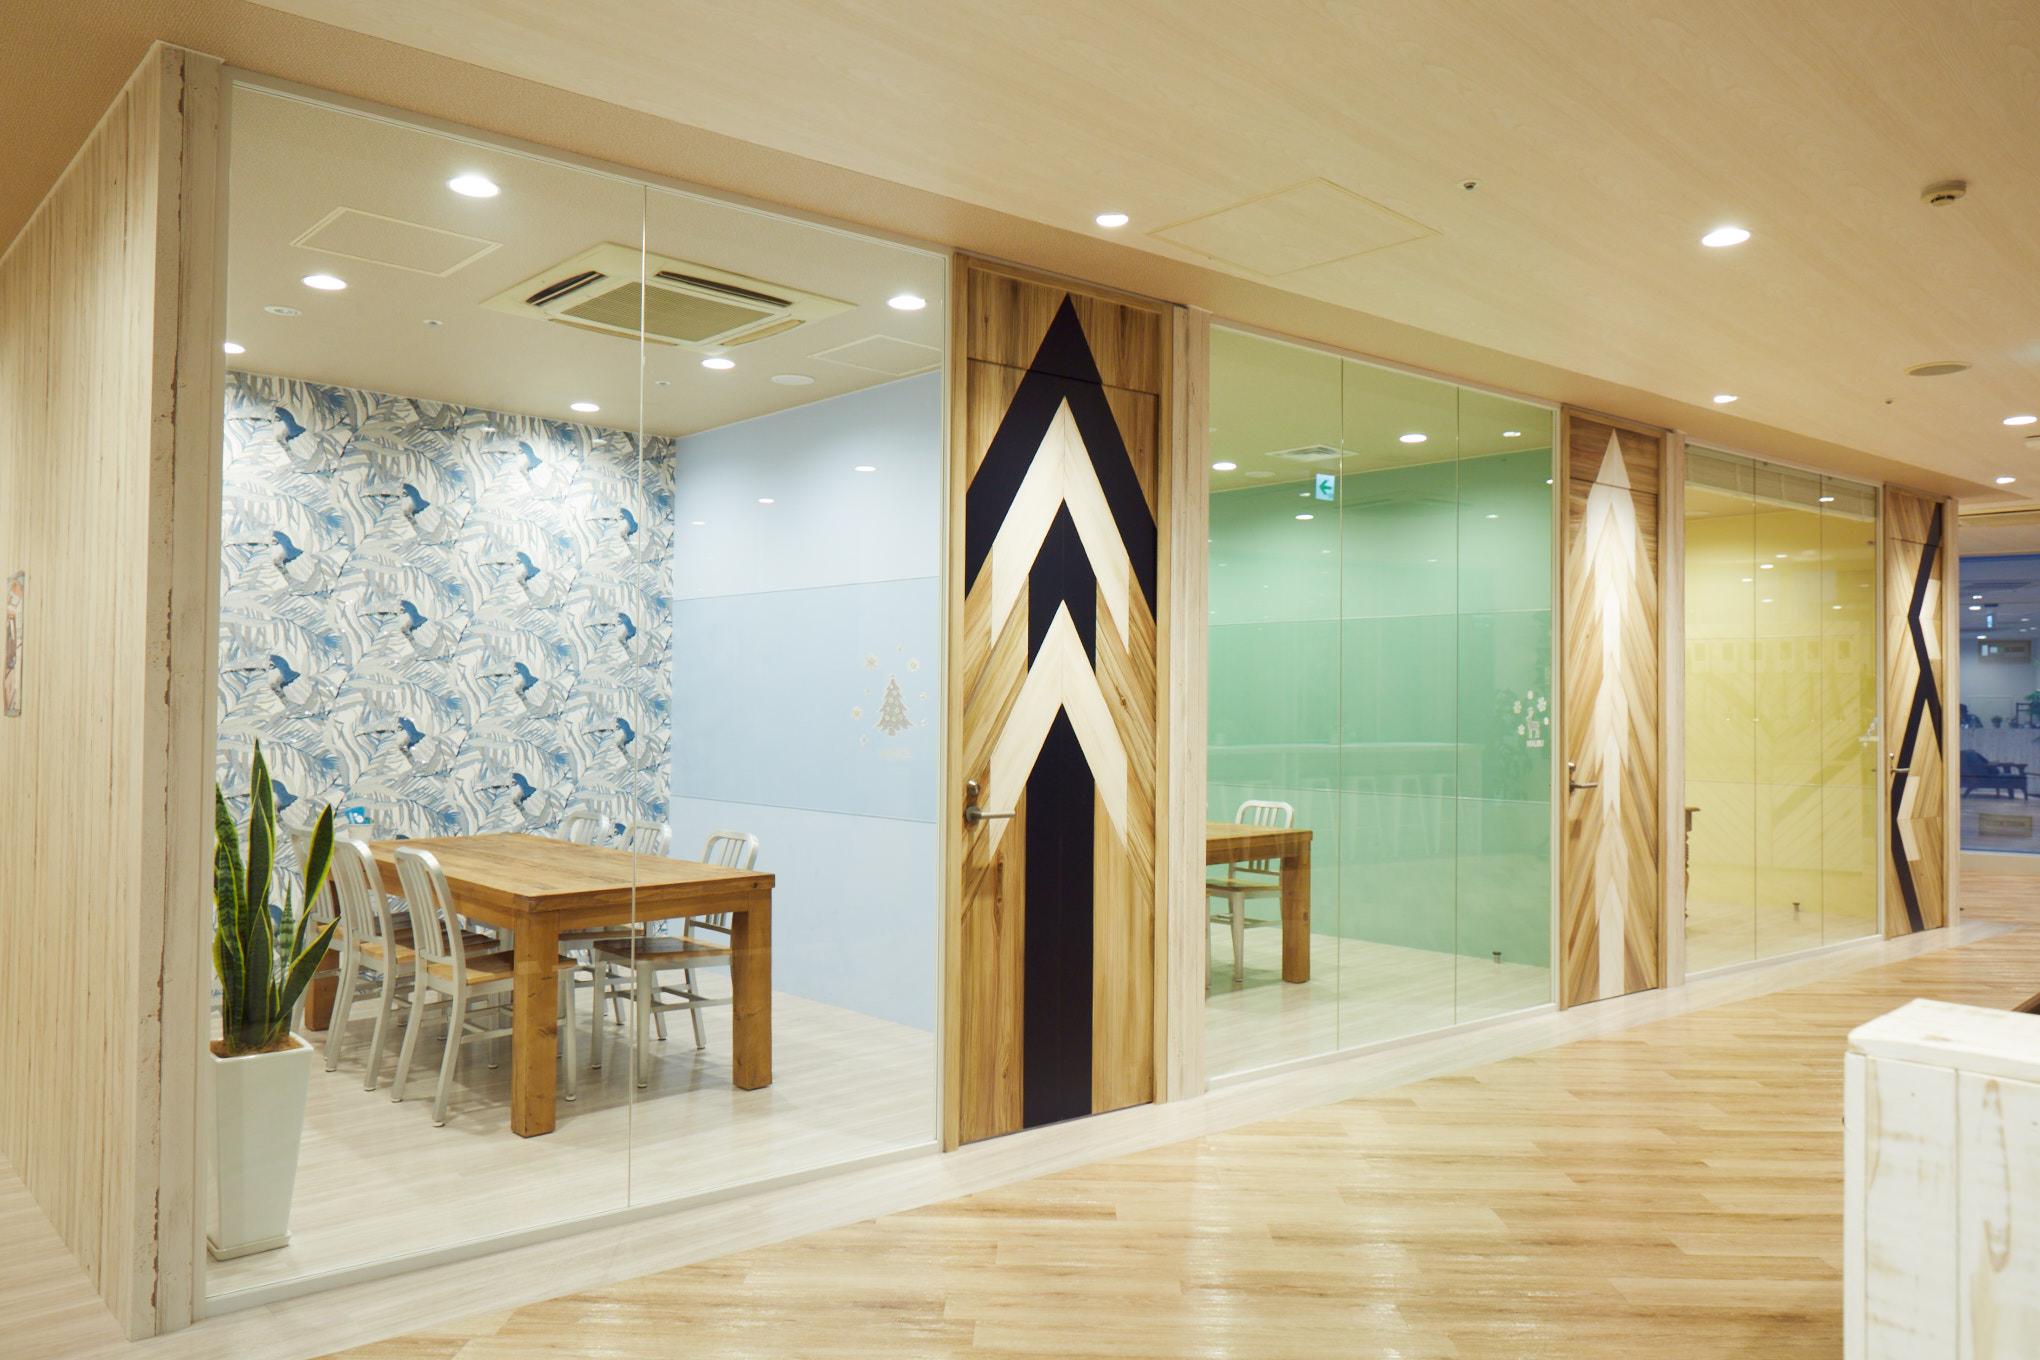 【居抜き】銀座アドレス。一等地の輝き。<br>木目調の会議室造作付きのハイグレード物件